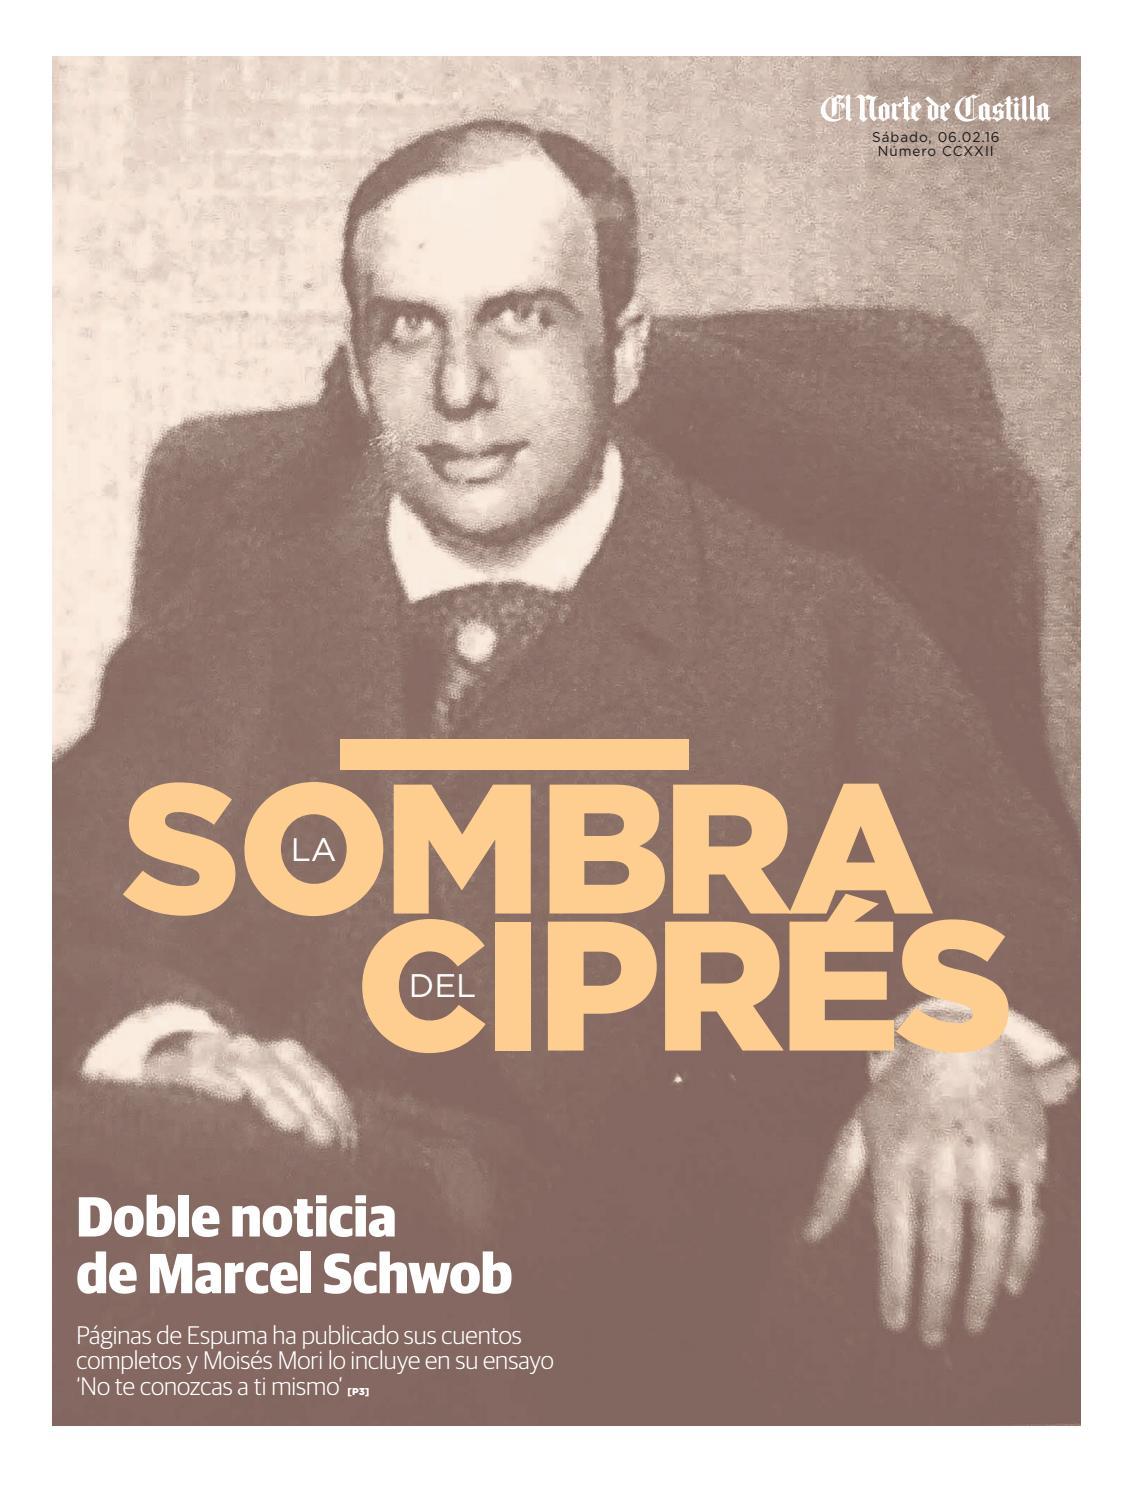 Doble noticia de Marcel Schwob by El Norte de Castilla - issuu